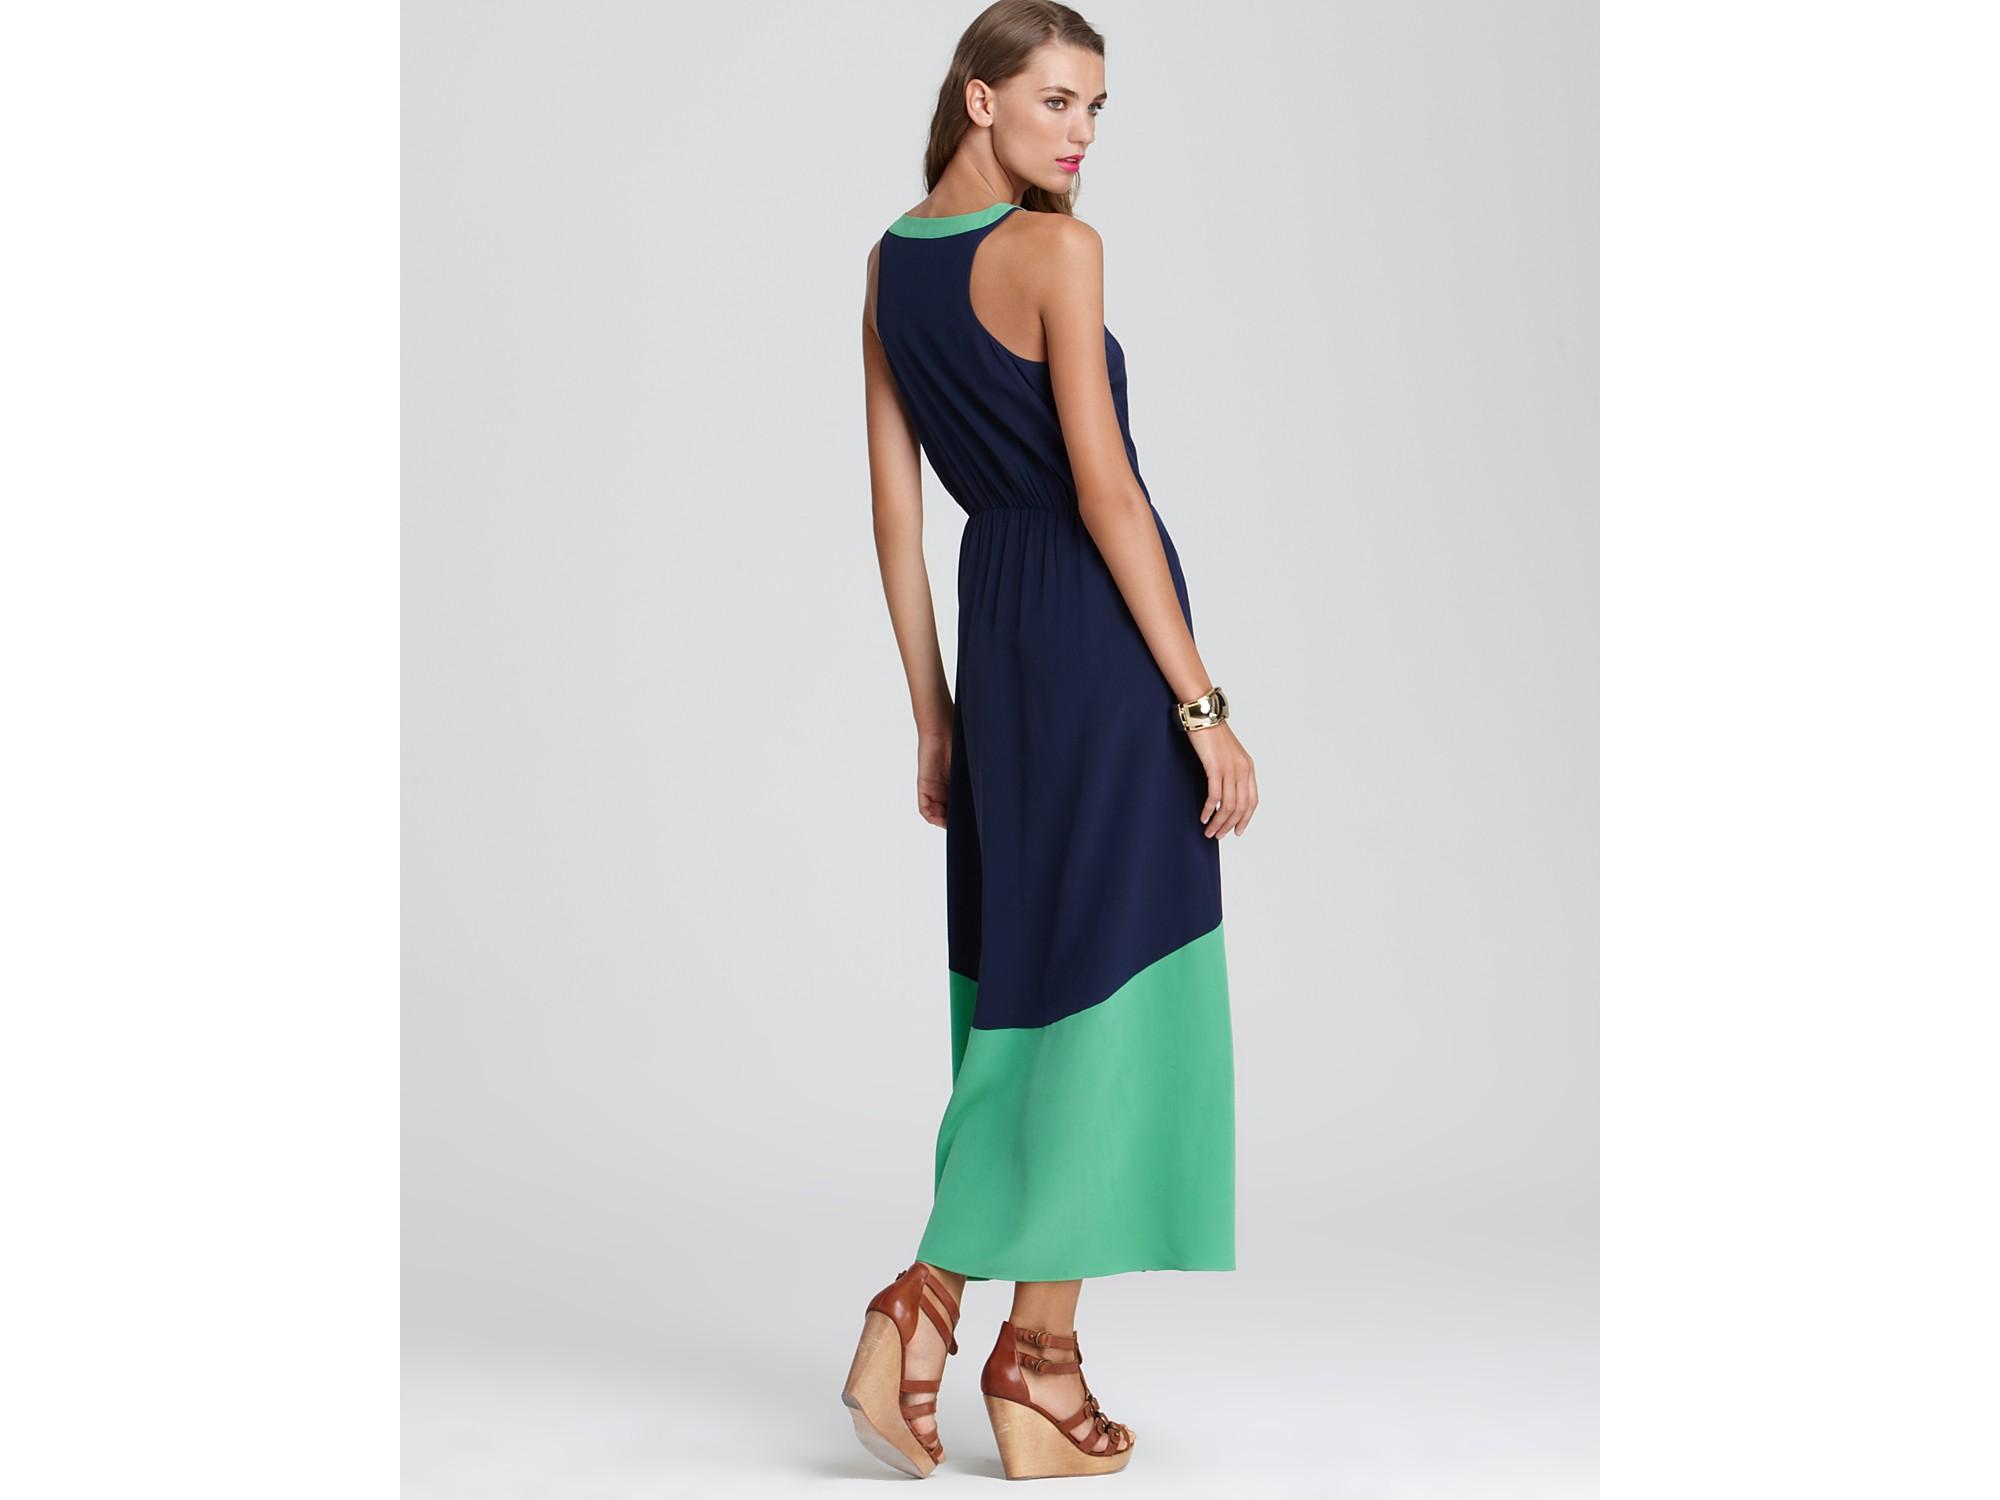 Madison marcus maxi dress